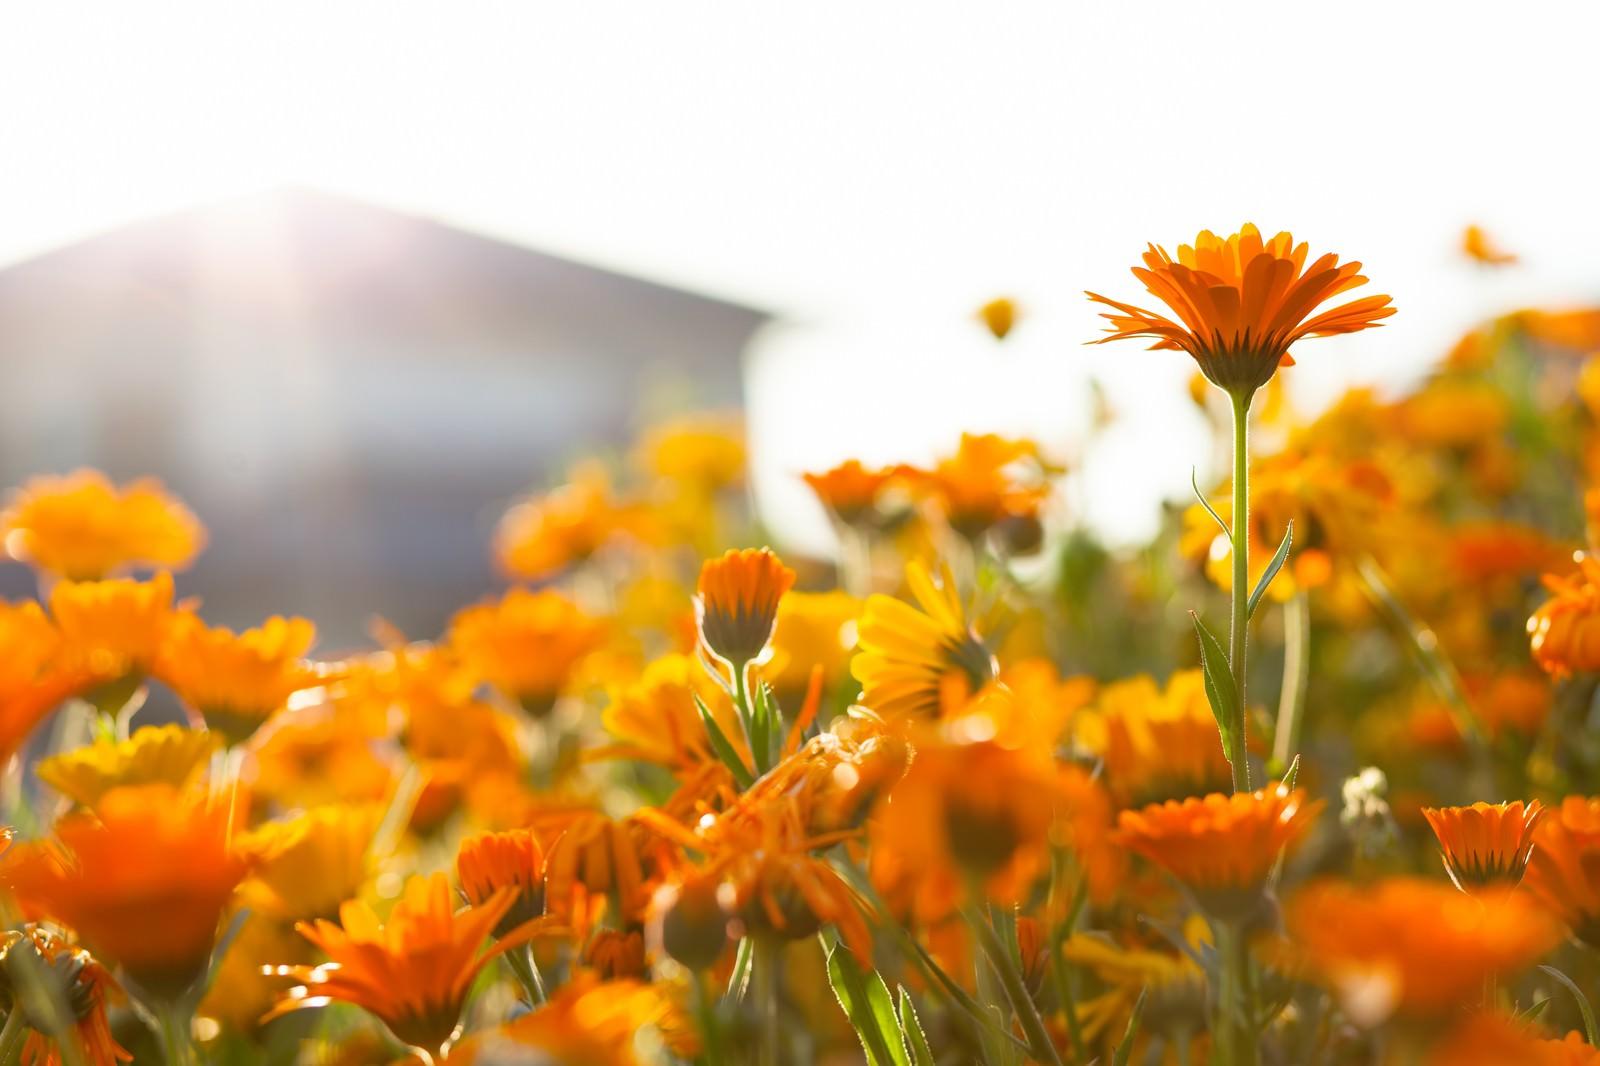 「夕日に照らされるオレンジ色のマーガレット」の写真